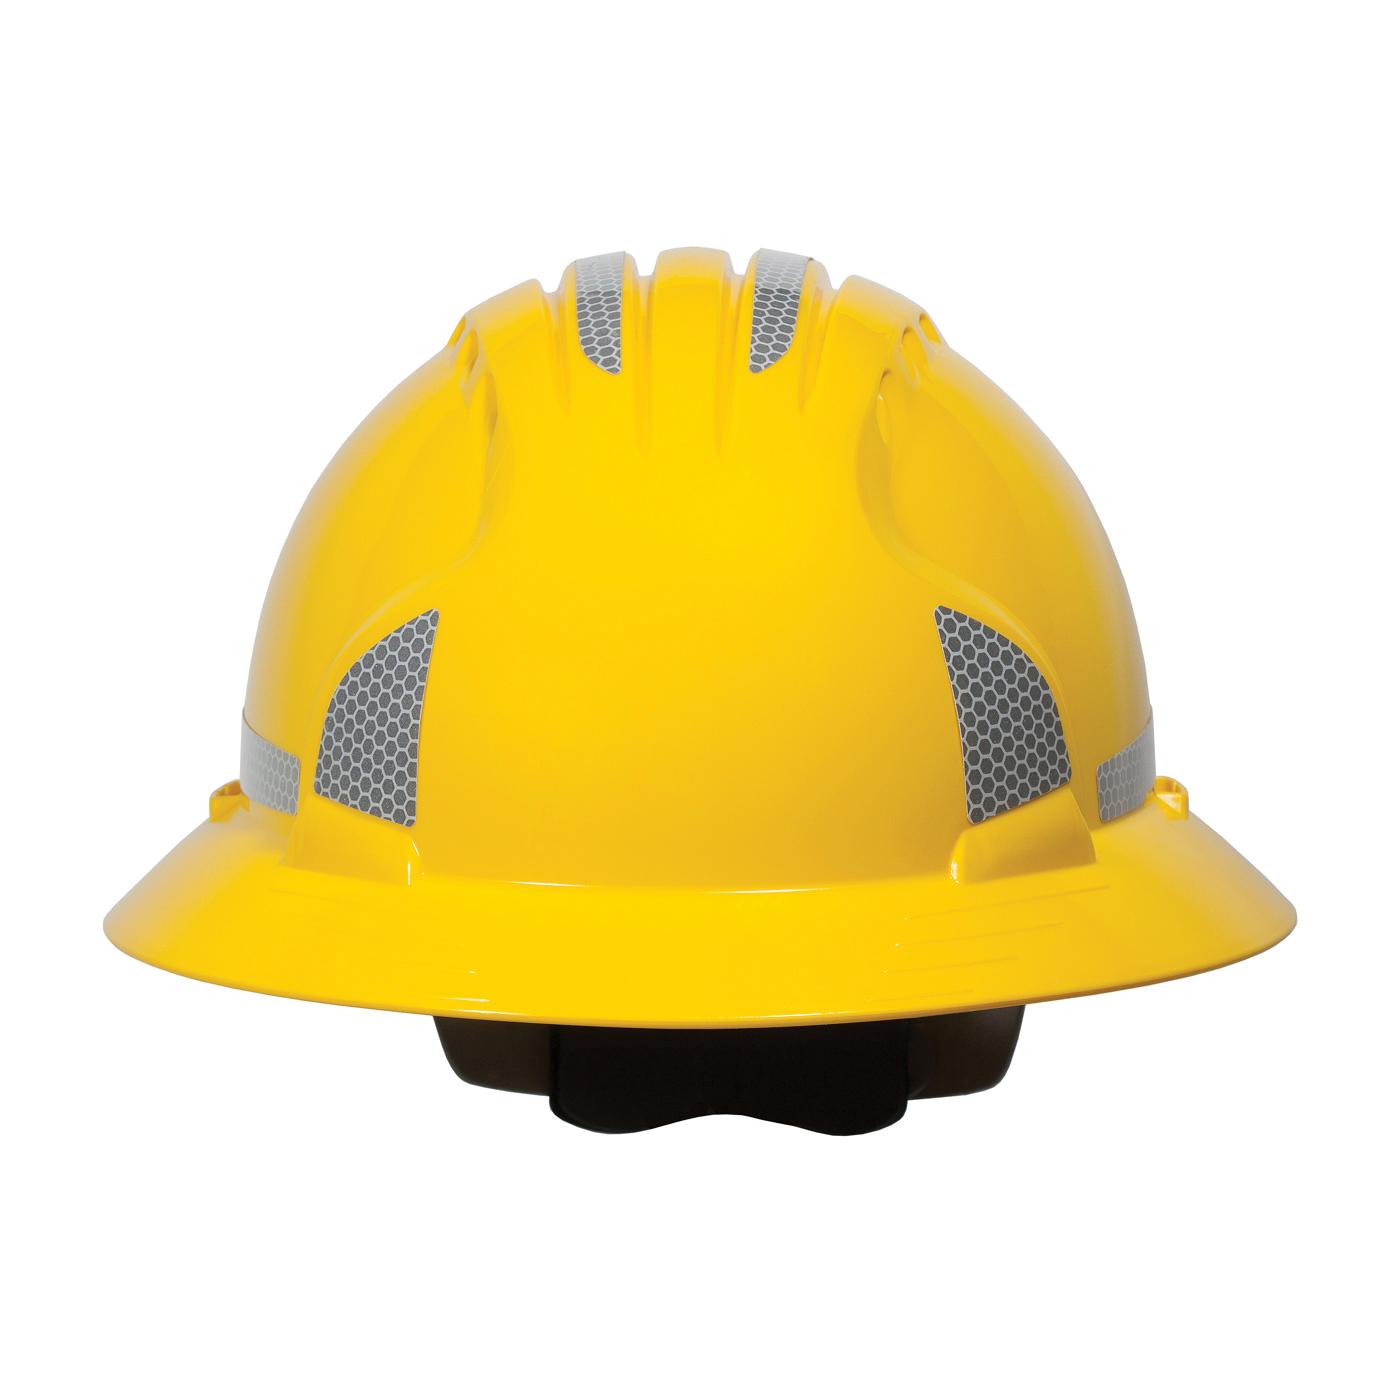 JSP® 281-CR2-10 Reflective Kit, Silver